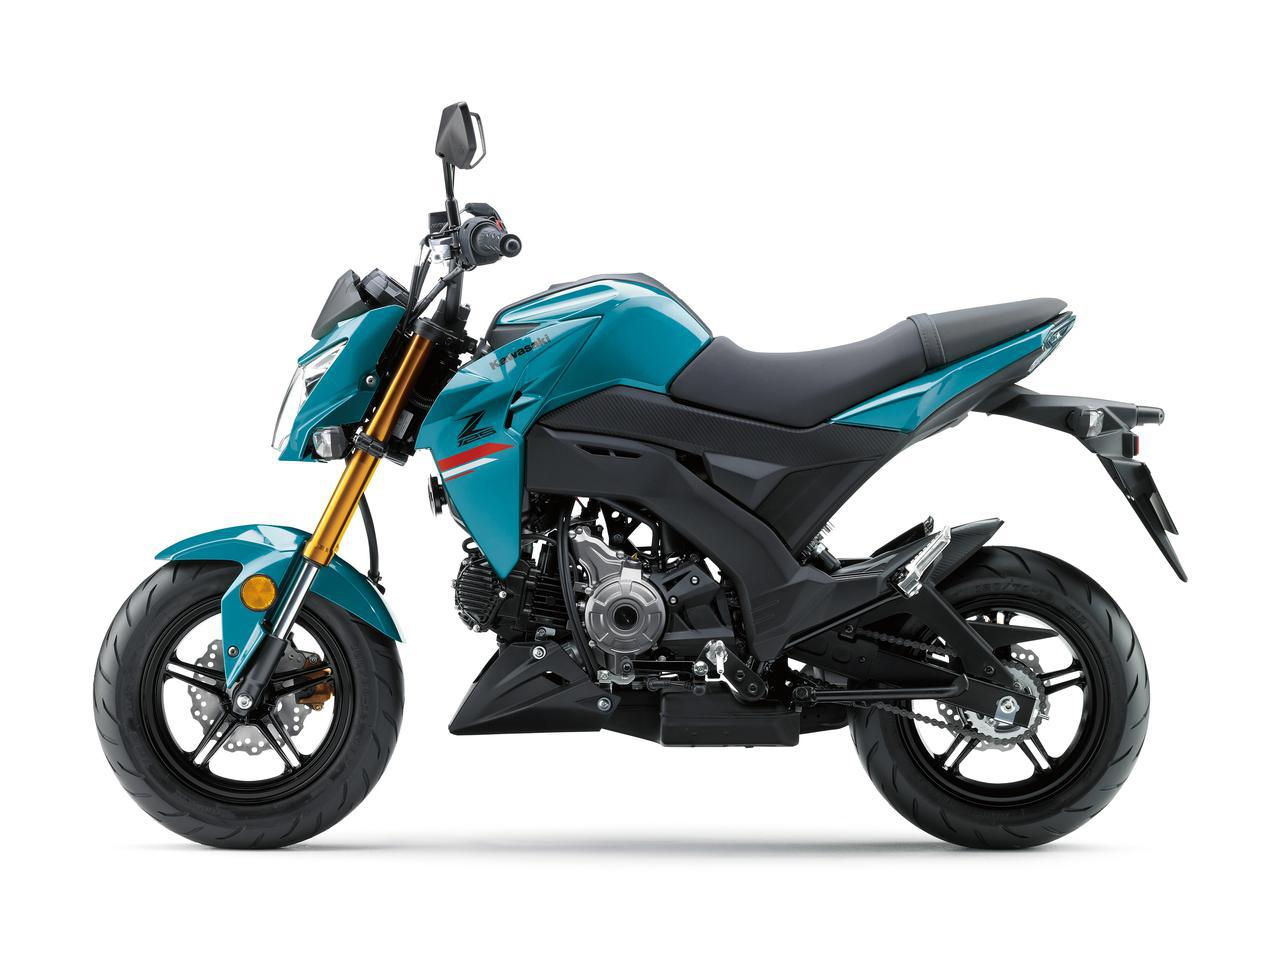 画像12: これが最後!? カワサキが原付二種スポーツバイク「Z125 PRO」の2021年モデルを発表!